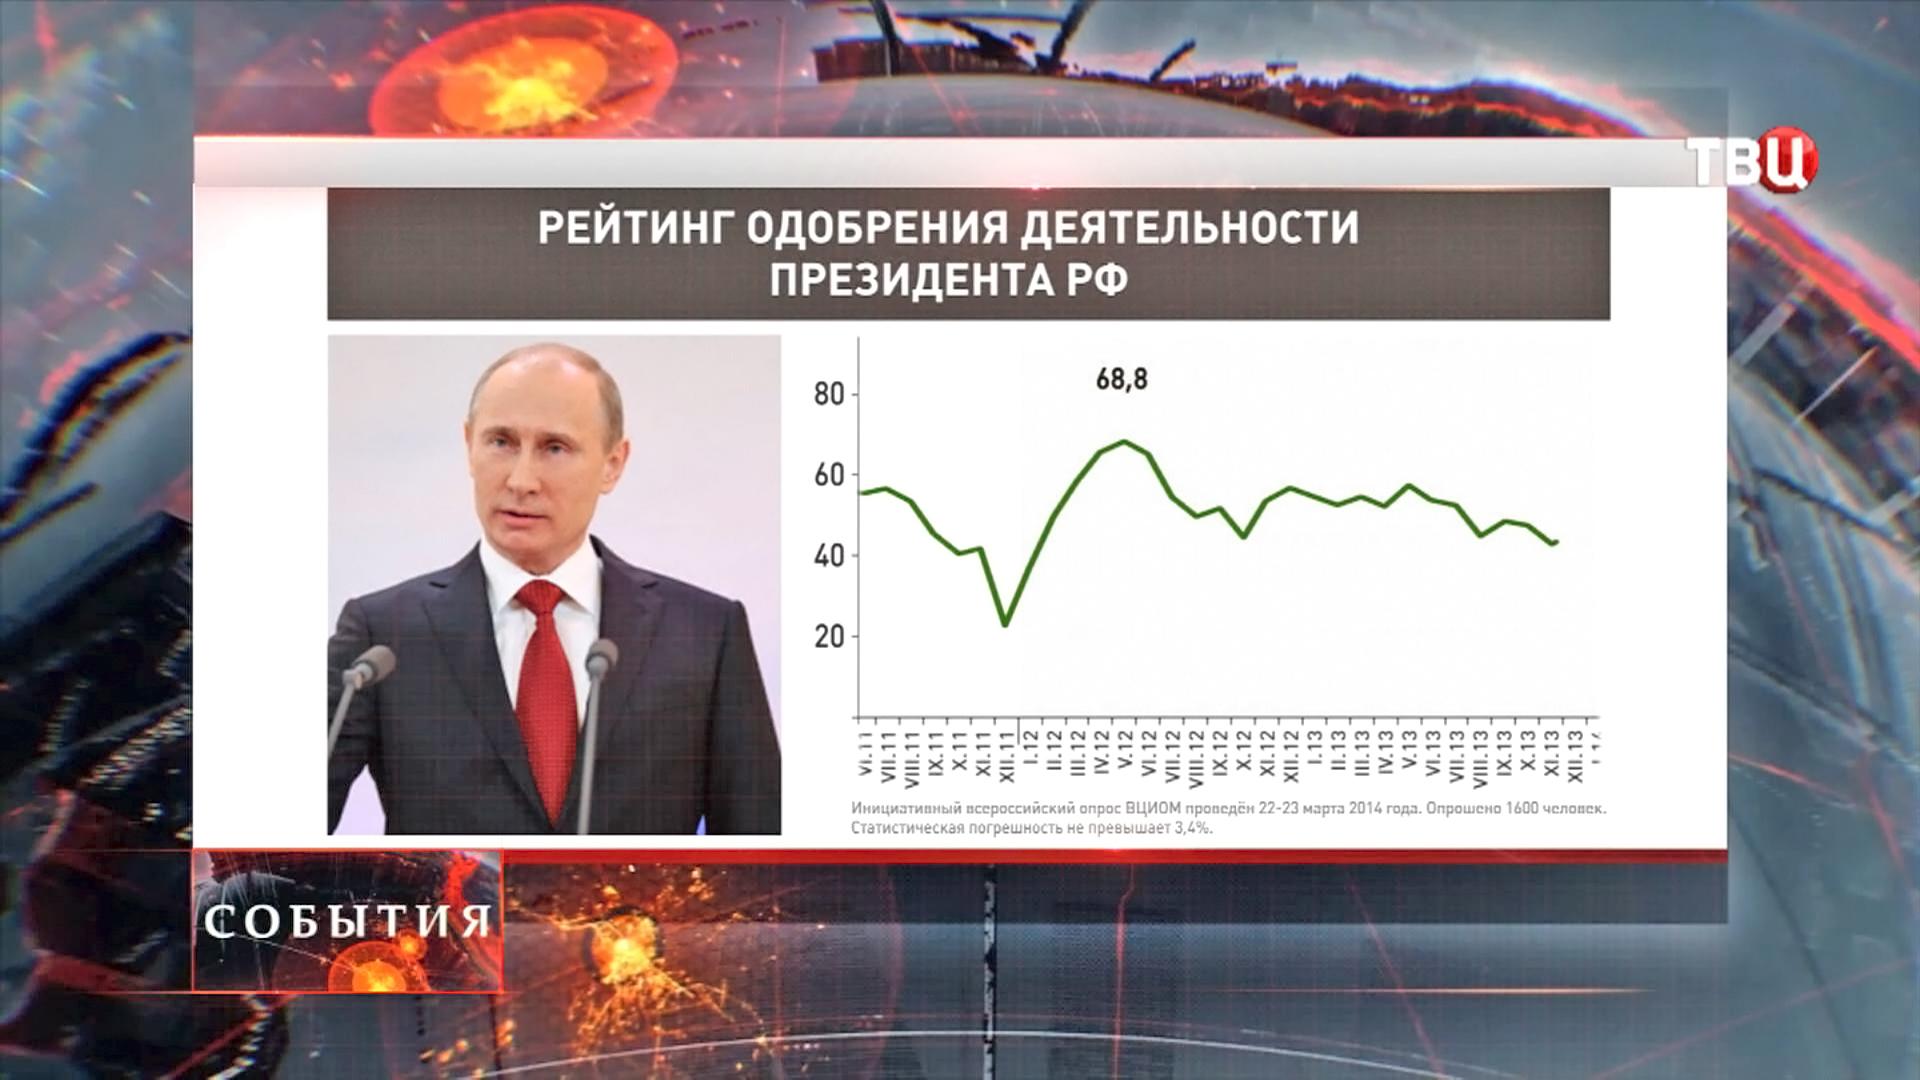 Рейтинг одобрения деятельности президента РФ